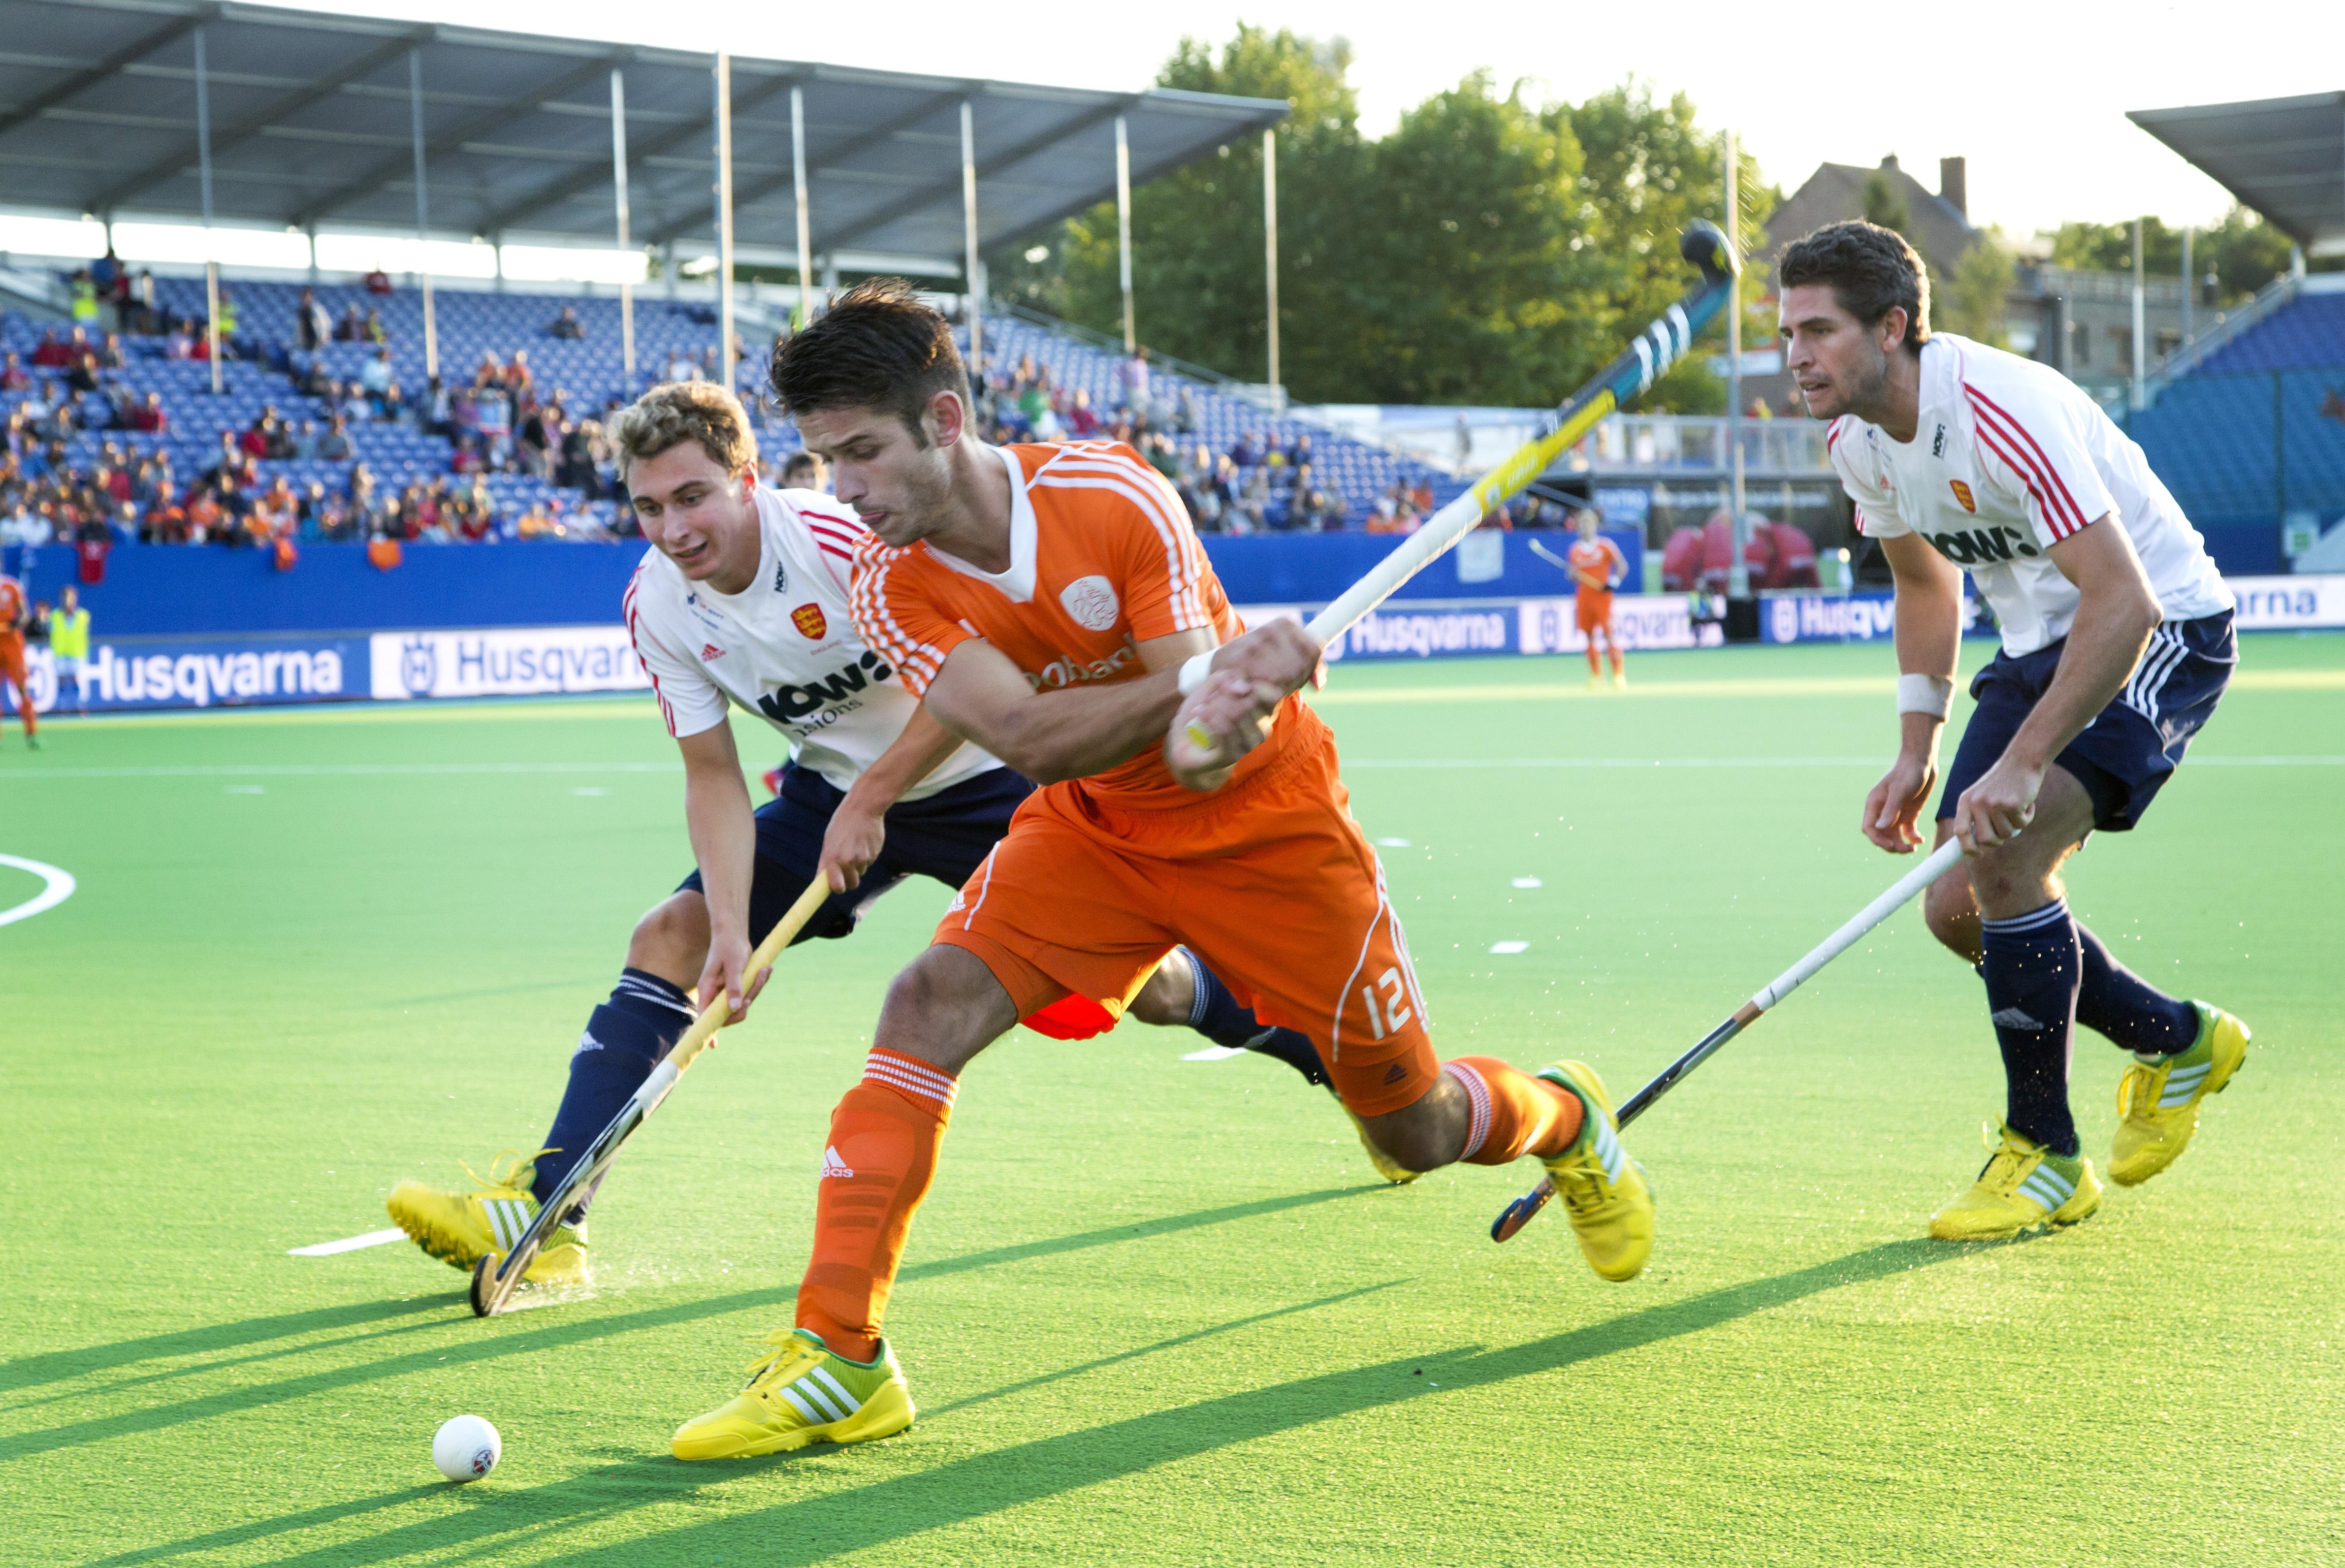 BOOM - Robbert Kemperman geeft de bal voor tijdens de tweede poulewedstrijd op het Europees Kampioenschap hockey, tussen de mannen van Nederland en Engeland . links Harry Martin en rechts Simon Mantell van Engeland. ANP KOEN SUYK